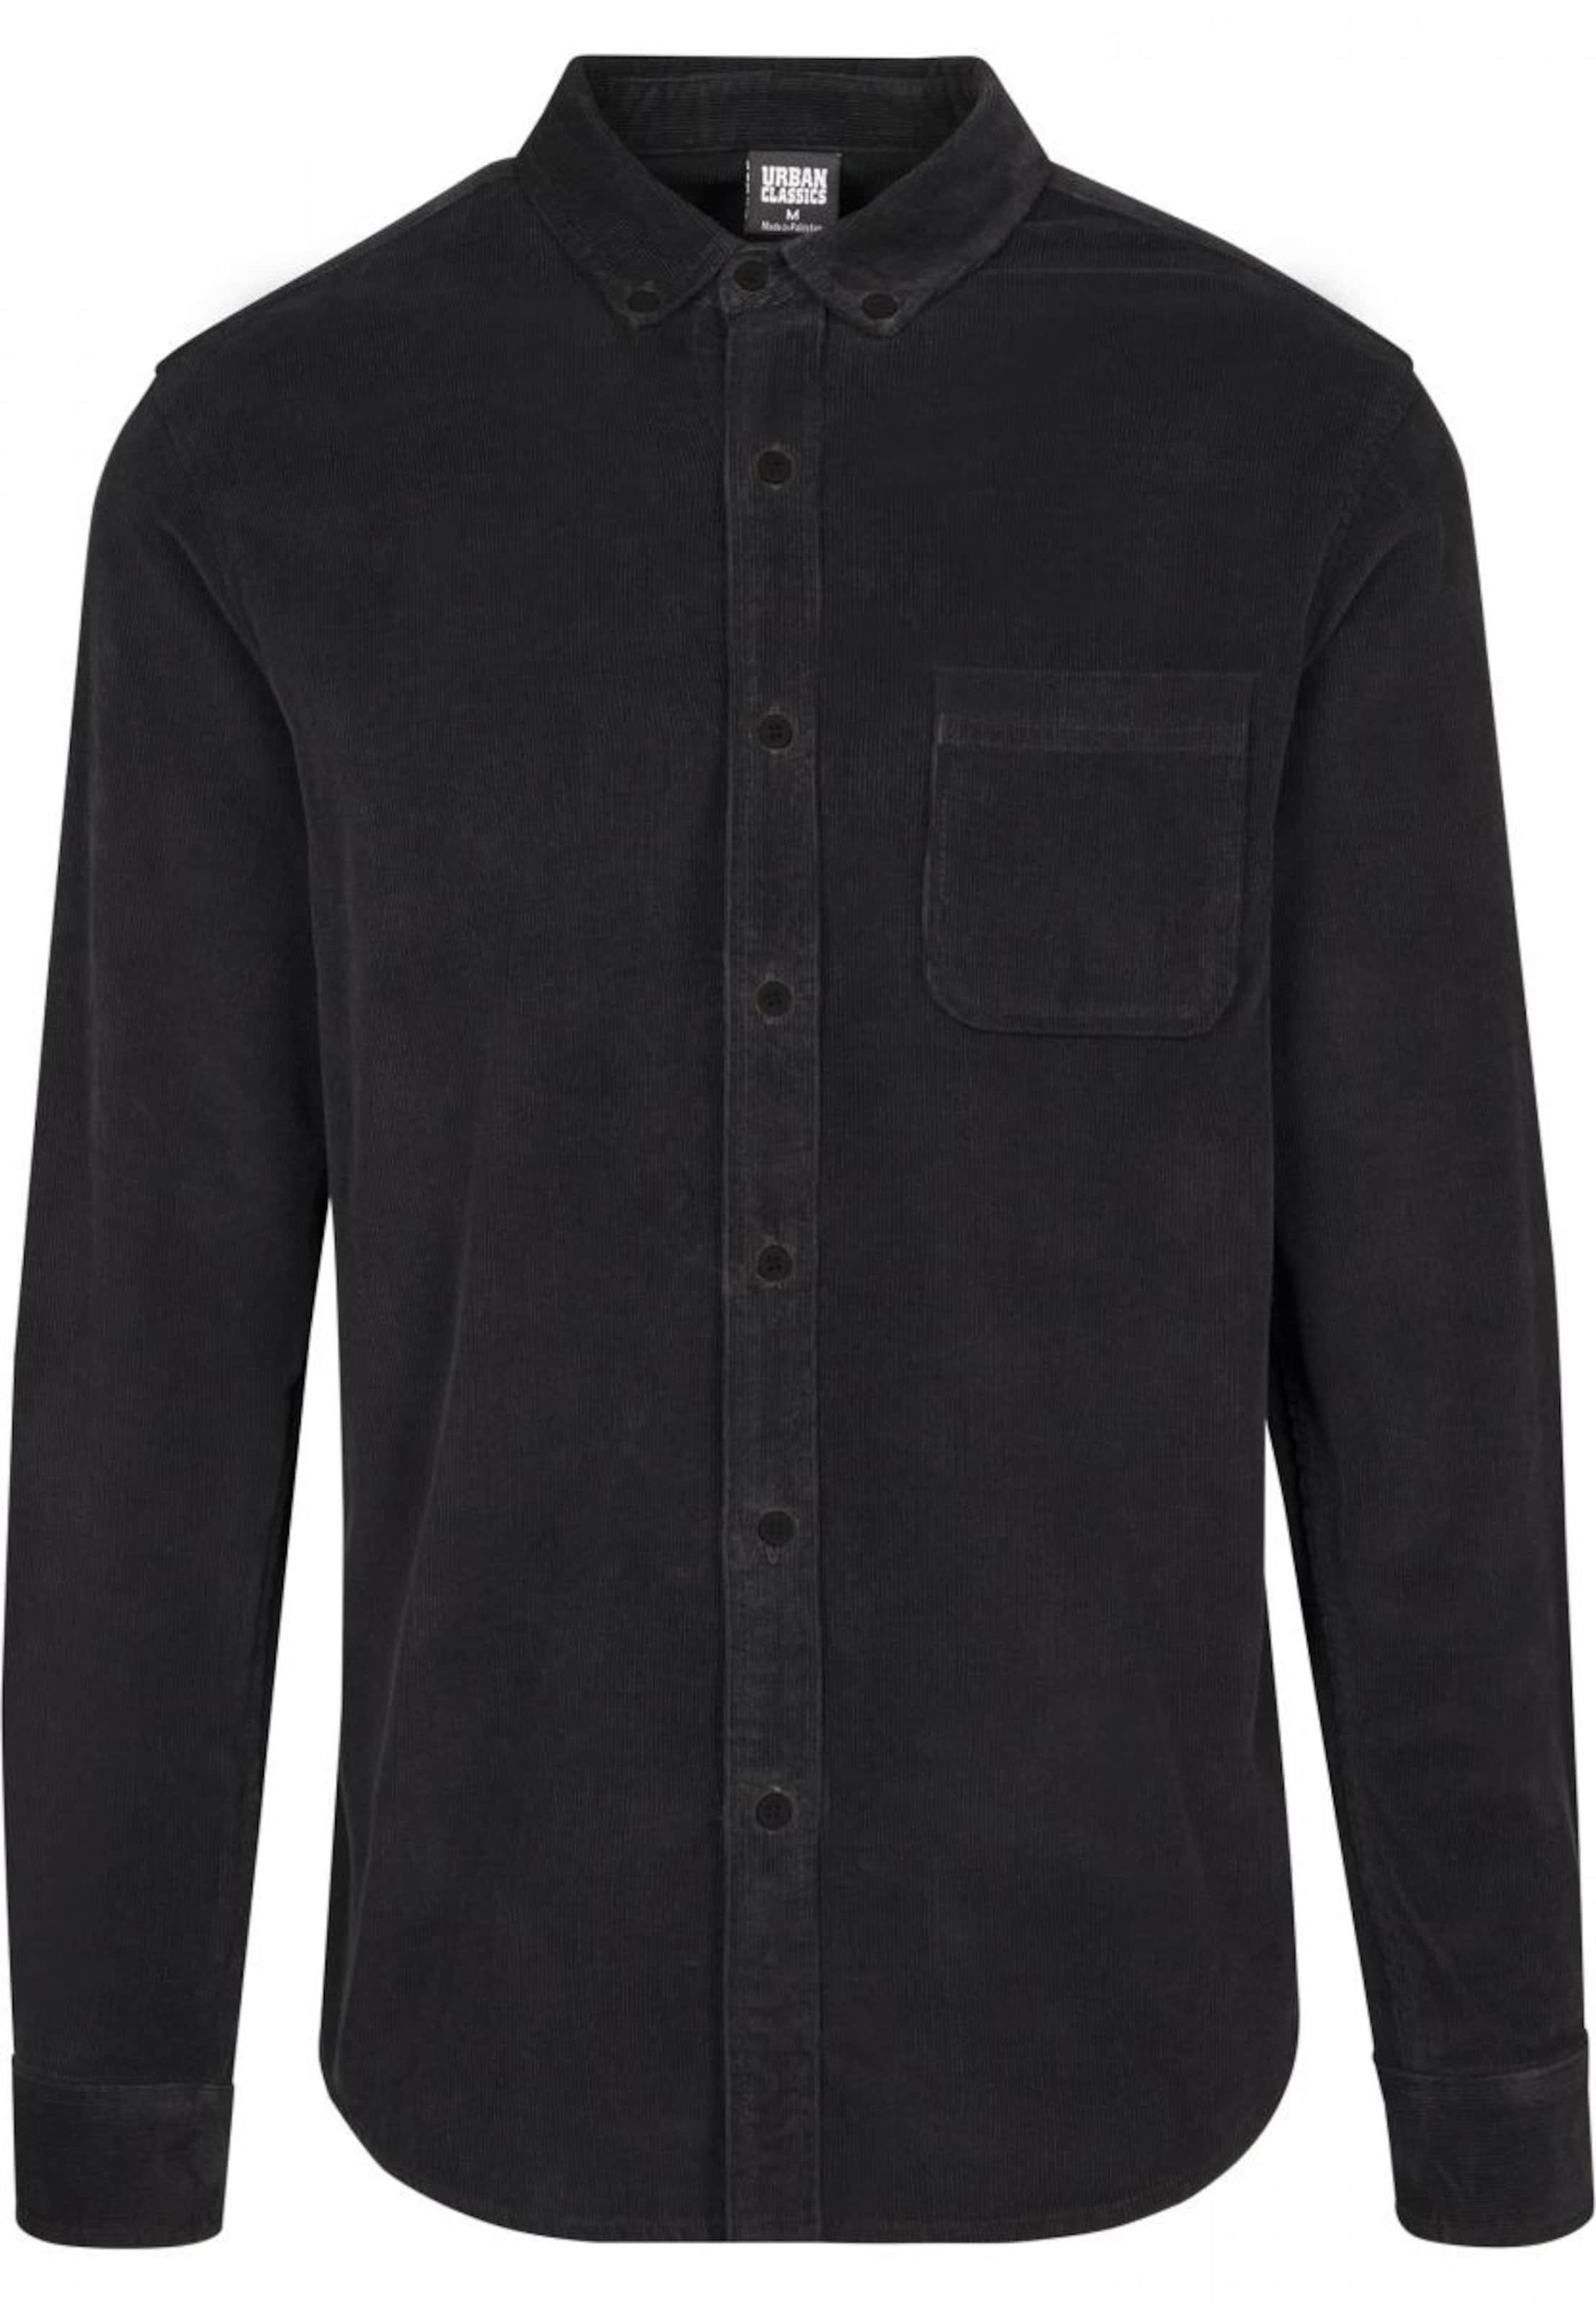 Urban Classics Shirt Schwarz In Urban Classics Shirt nXkwO80P